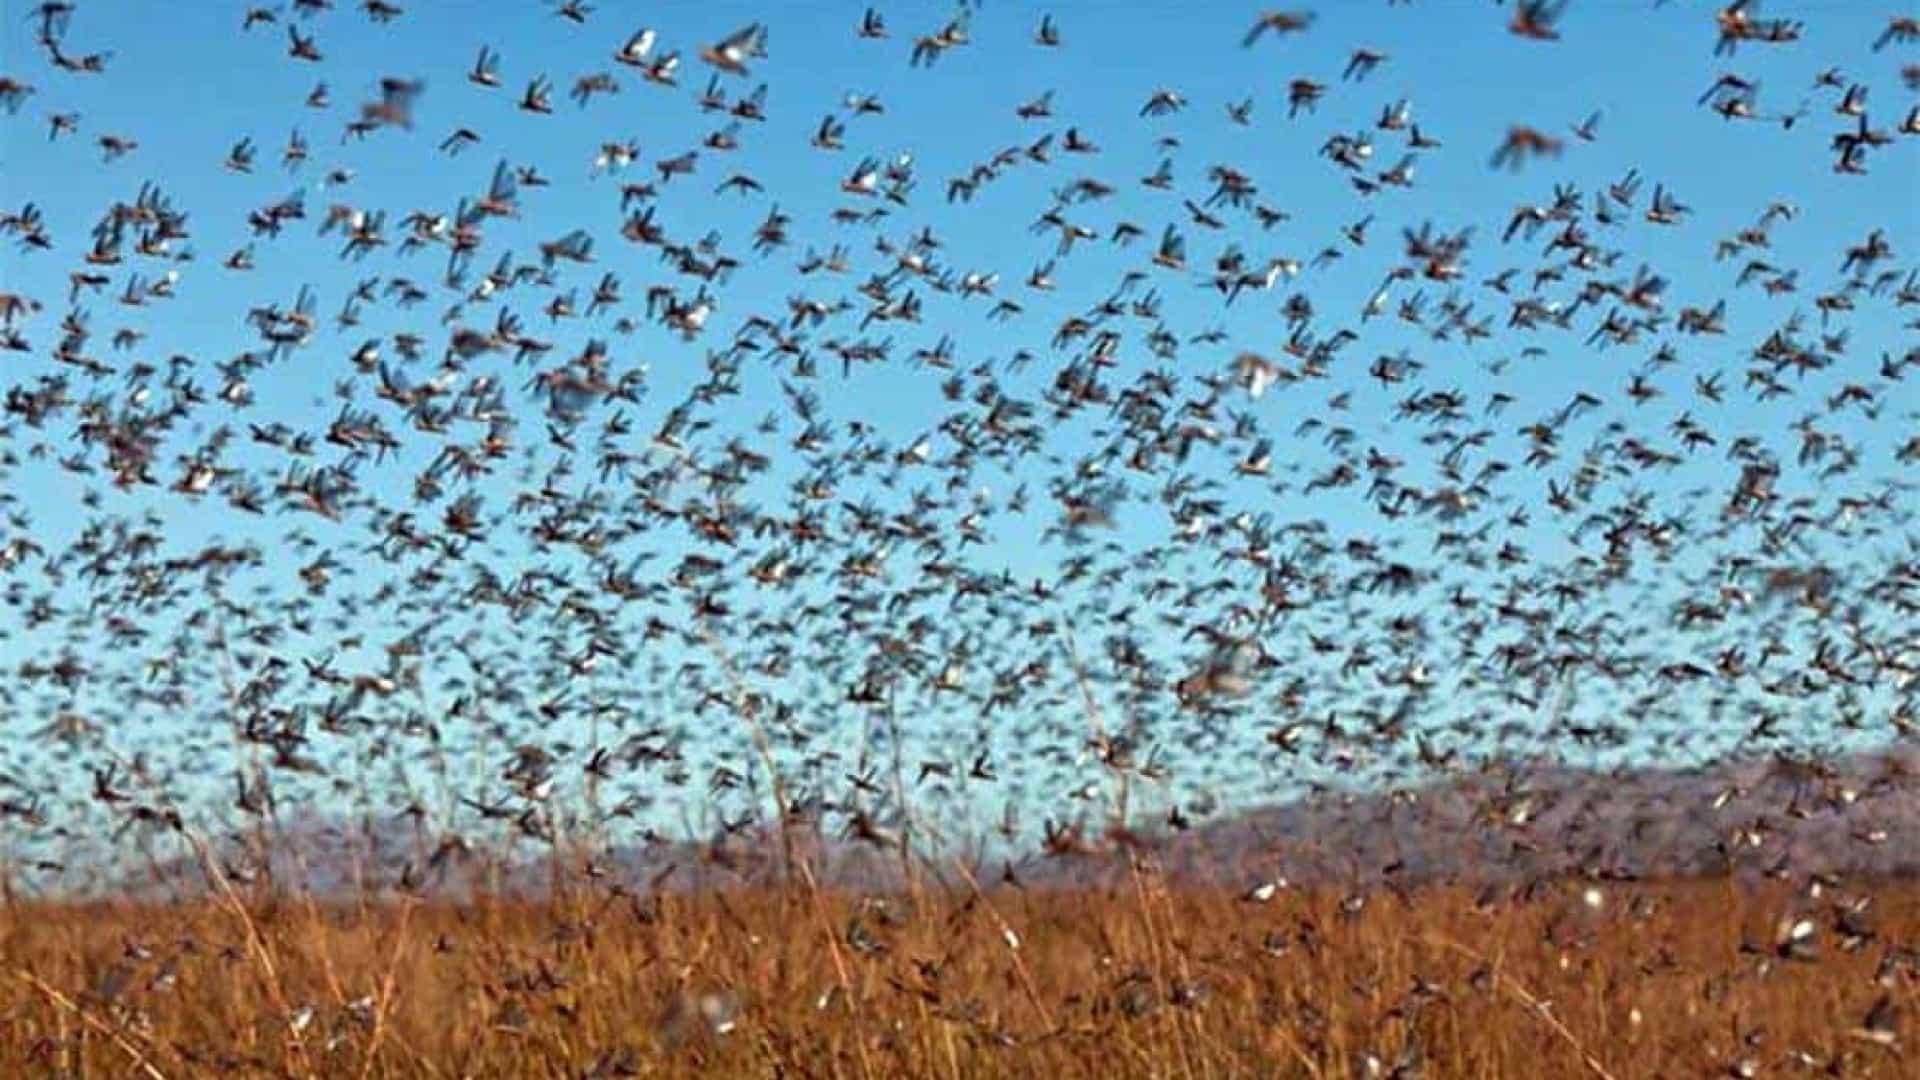 Nuvem de gafanhotos ameaça chegar no Brasil